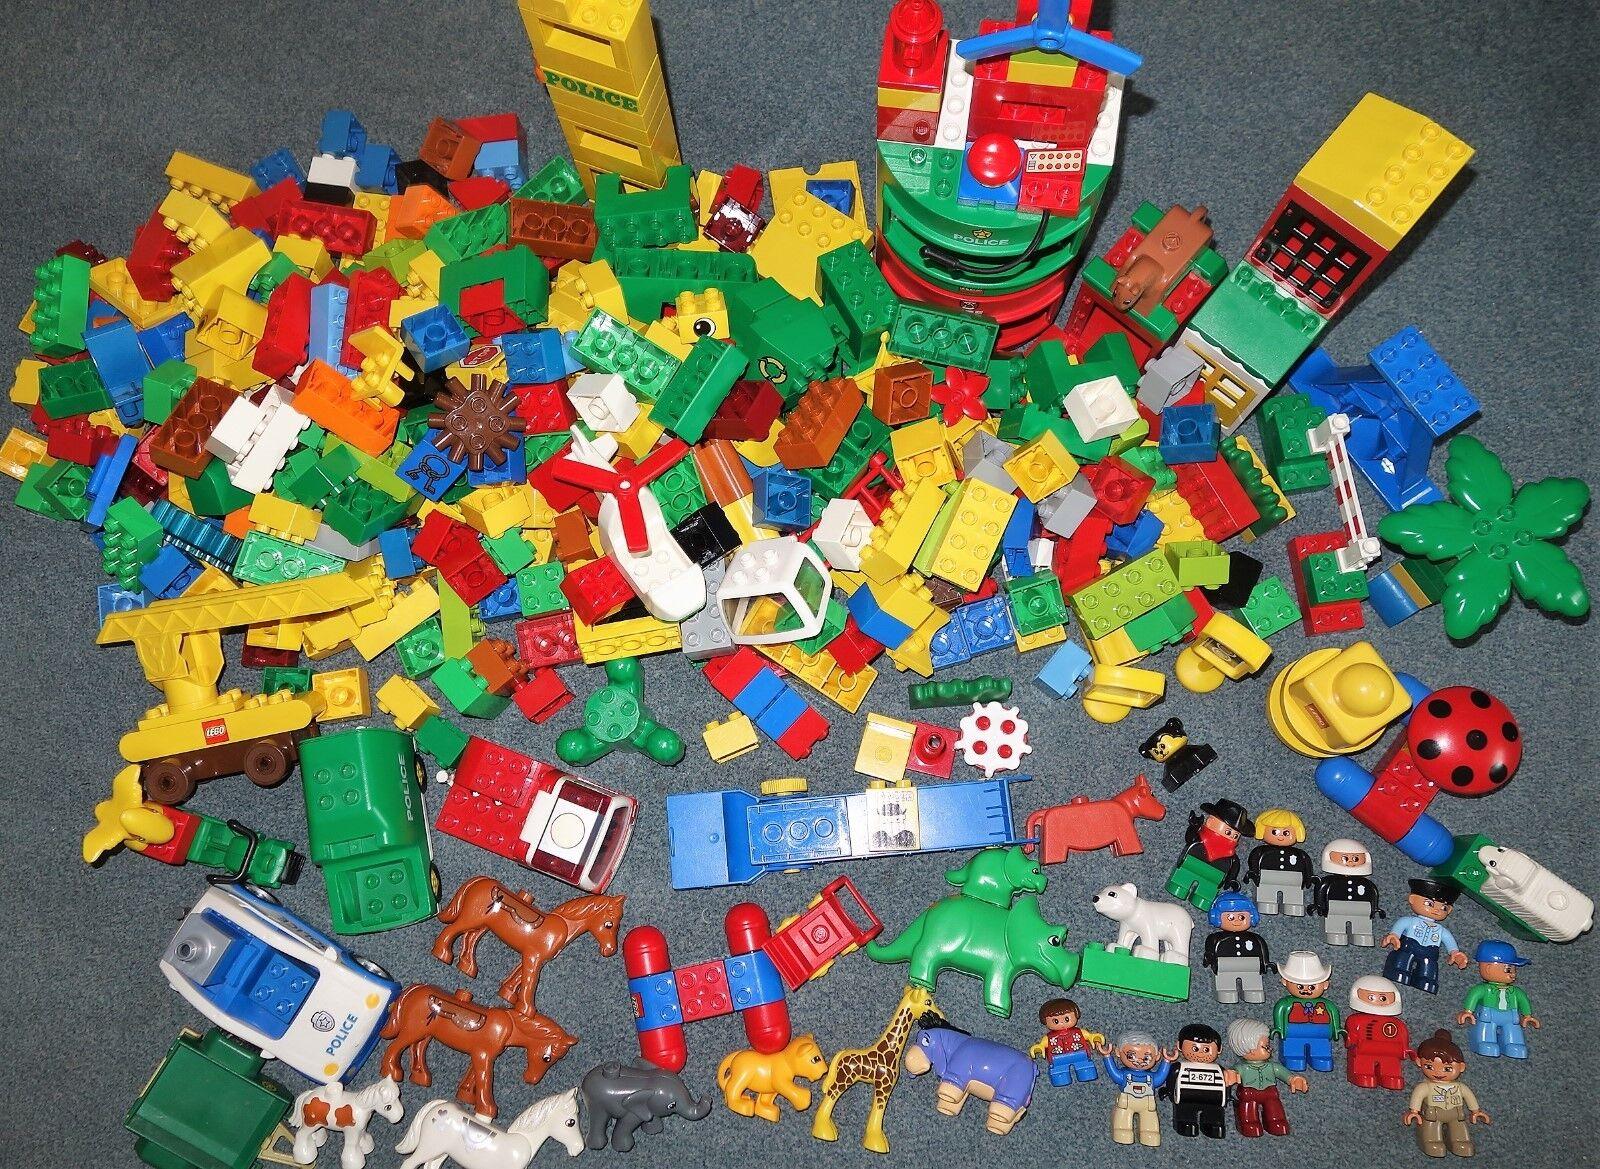 Lego DUPLO ca. 6 Kg gemischt Steine Figuren Autos Tiere Set alle Farben